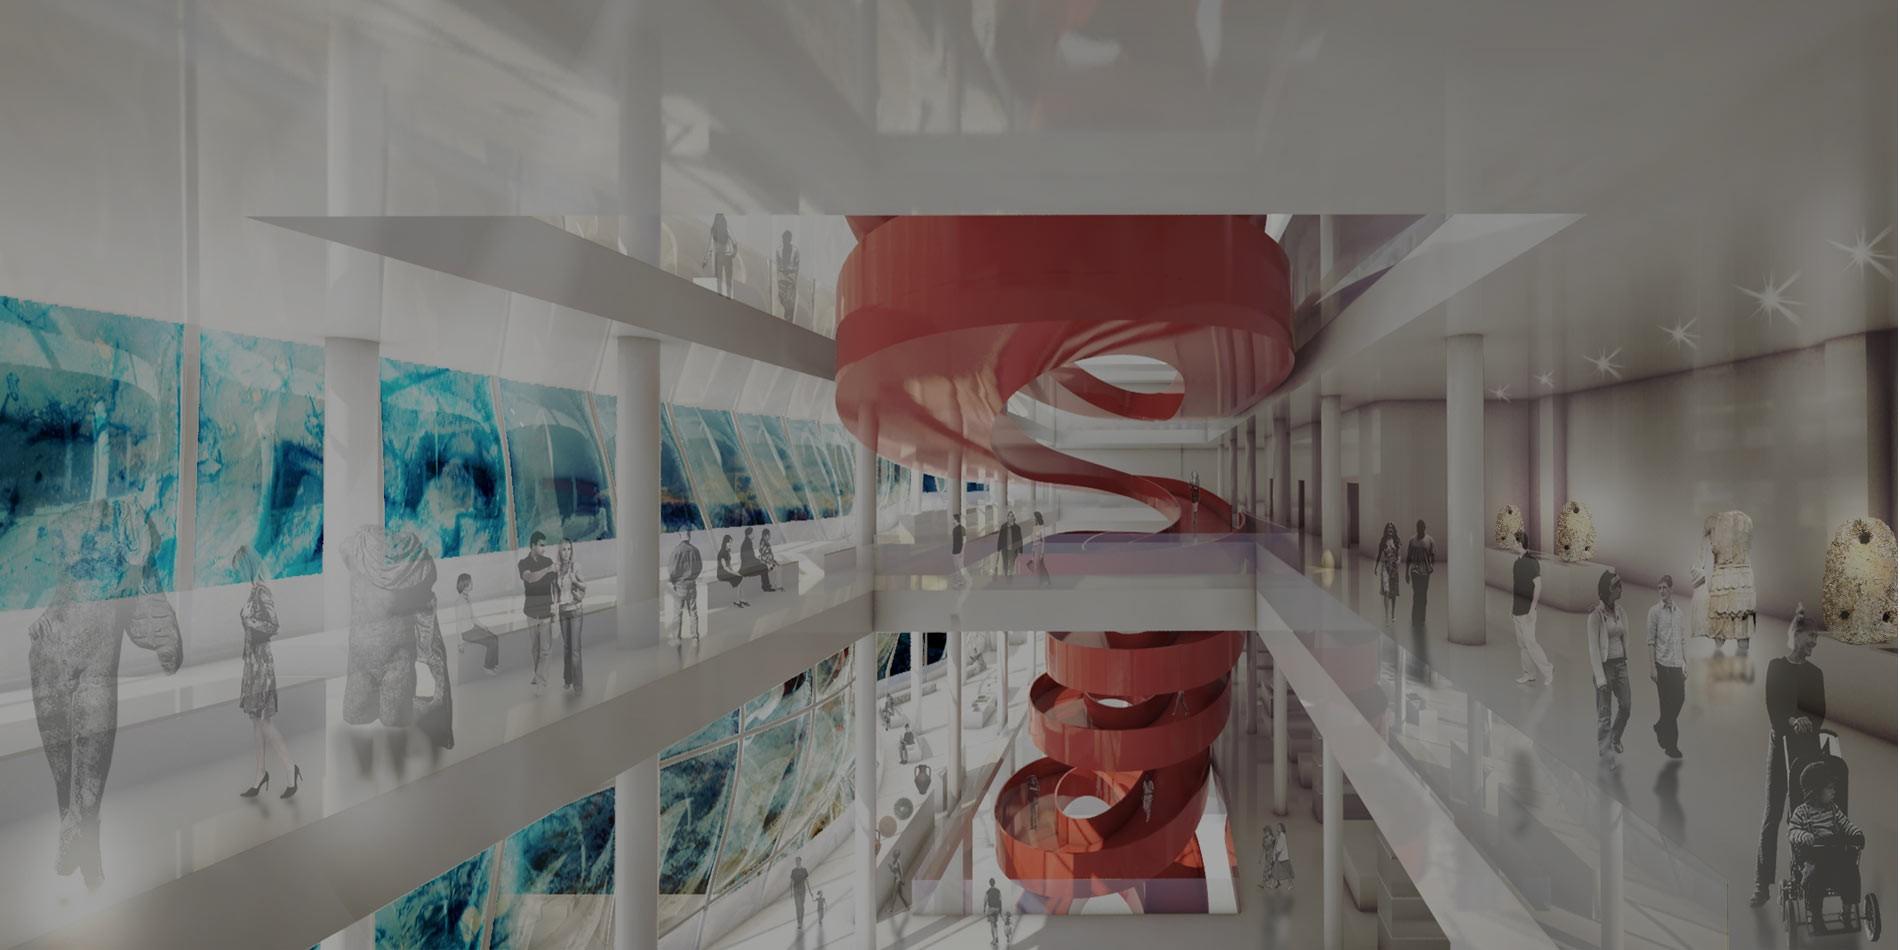 Progettazione spazi per la cultura atene massimo - Progettazione spazi interni ...